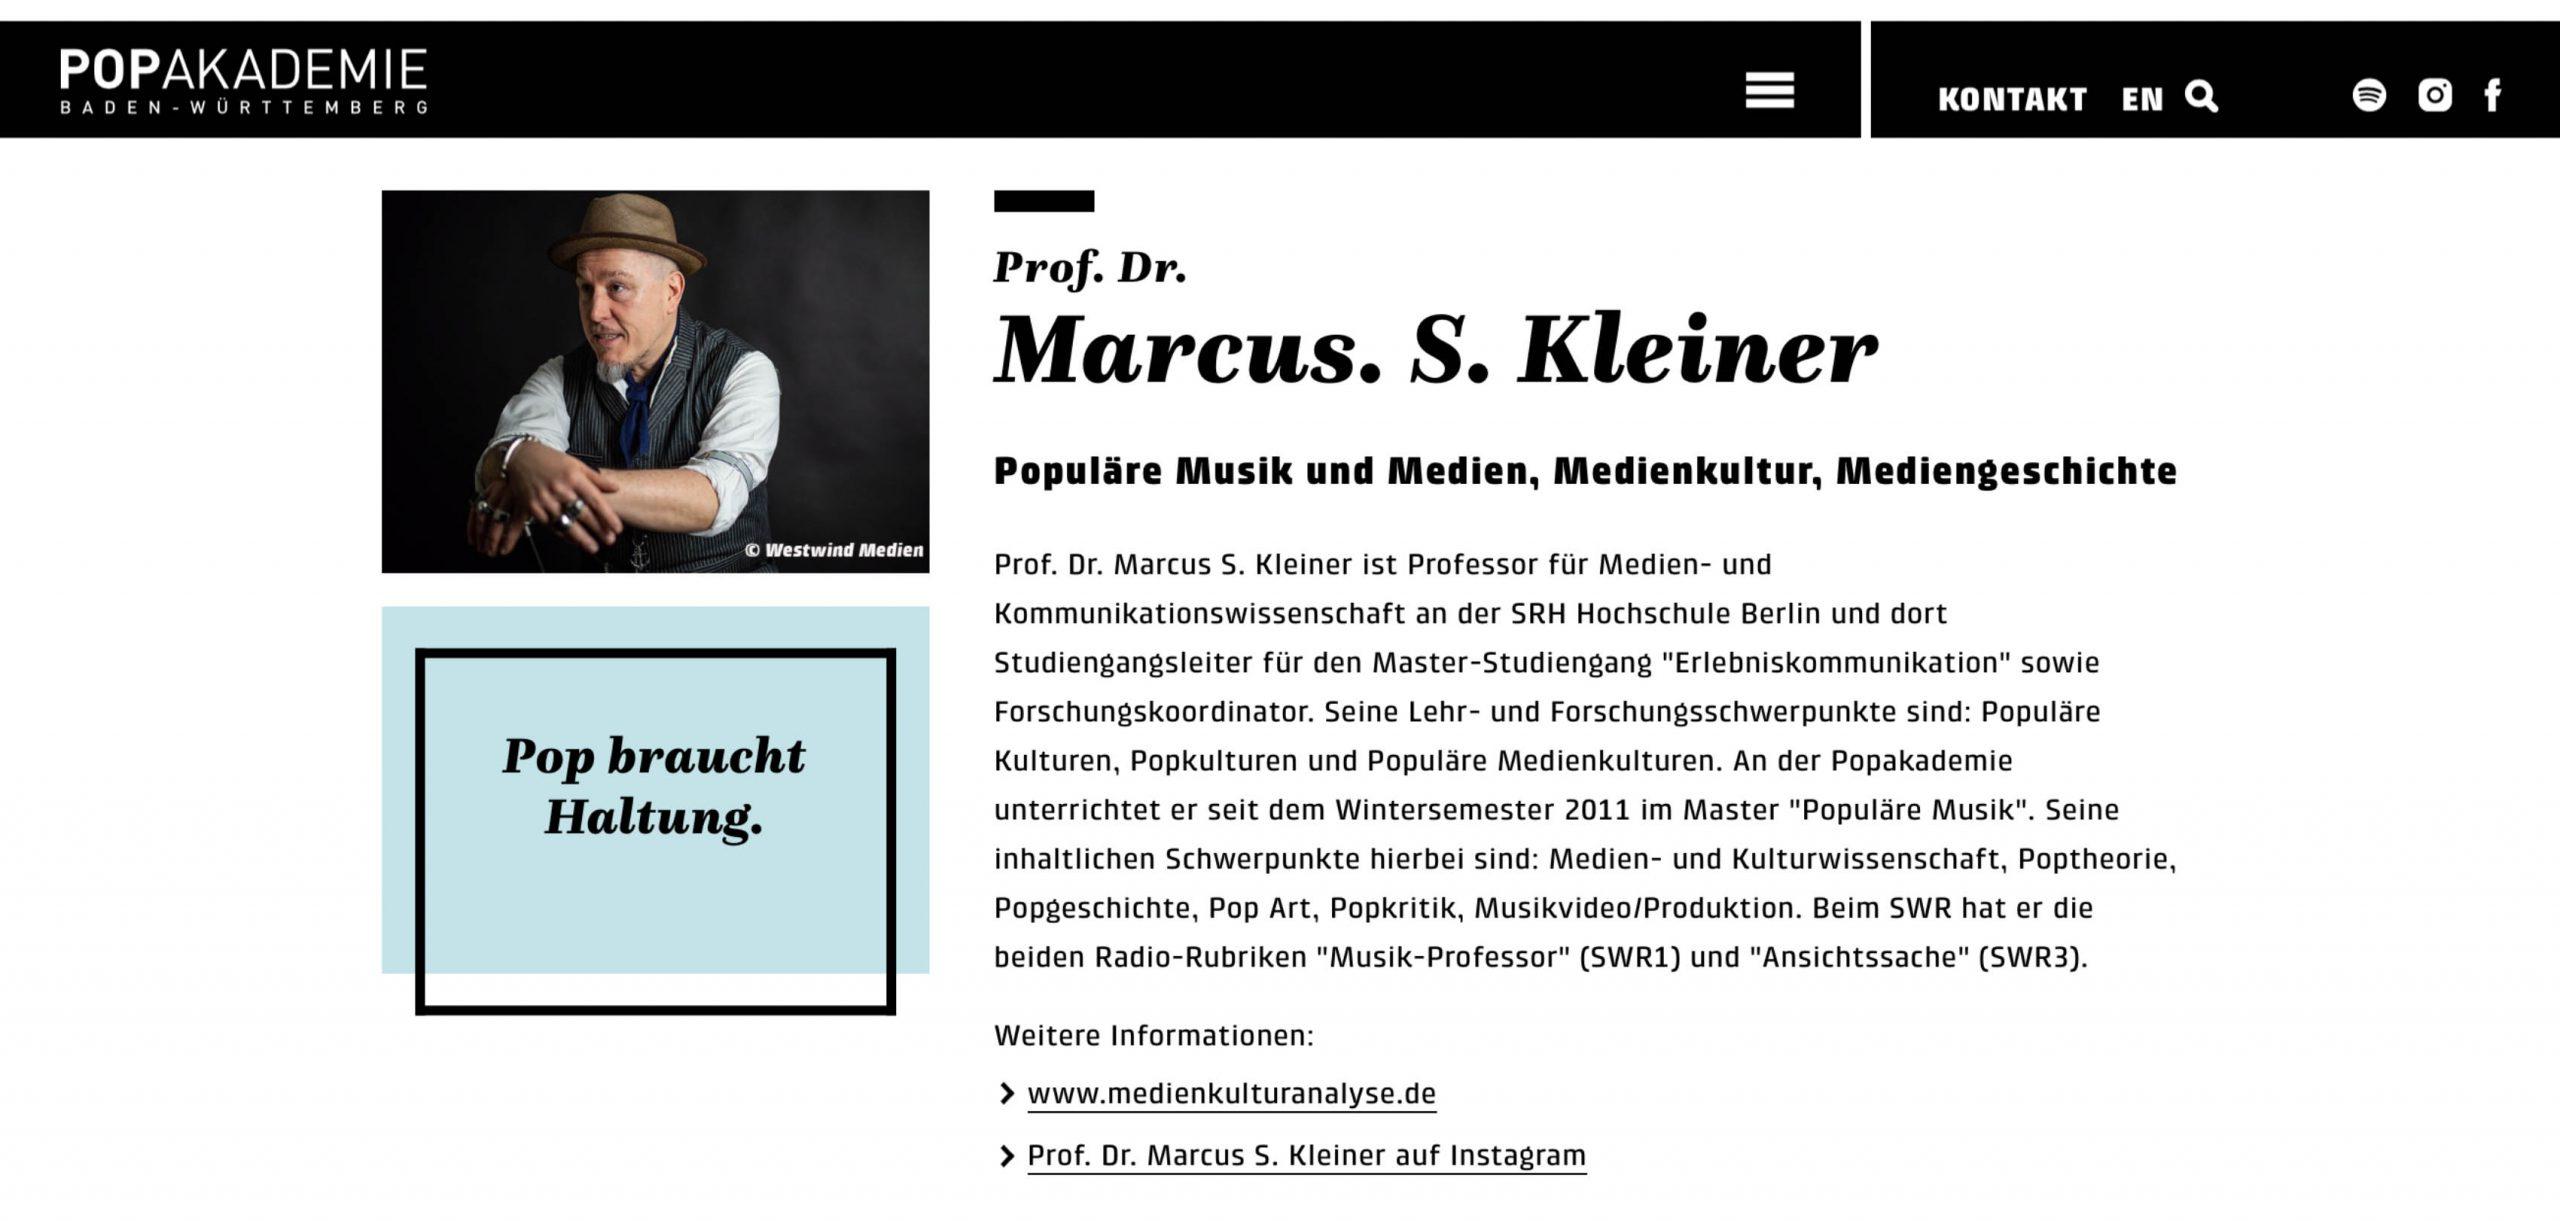 Marcus S. Kleiner Popakademie Mannheim